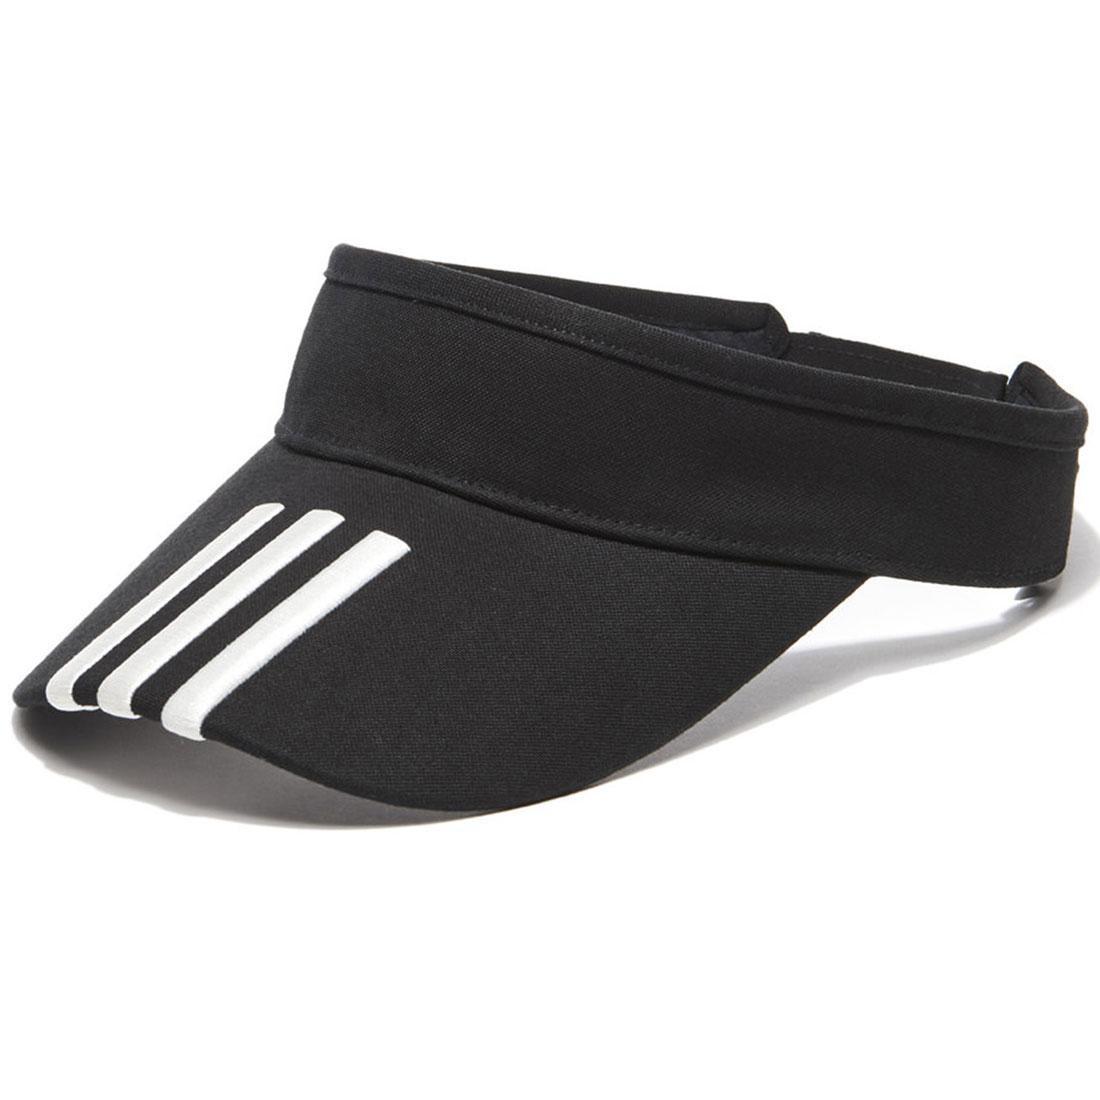 Adidas Y-3 XL Visor (black / core white)